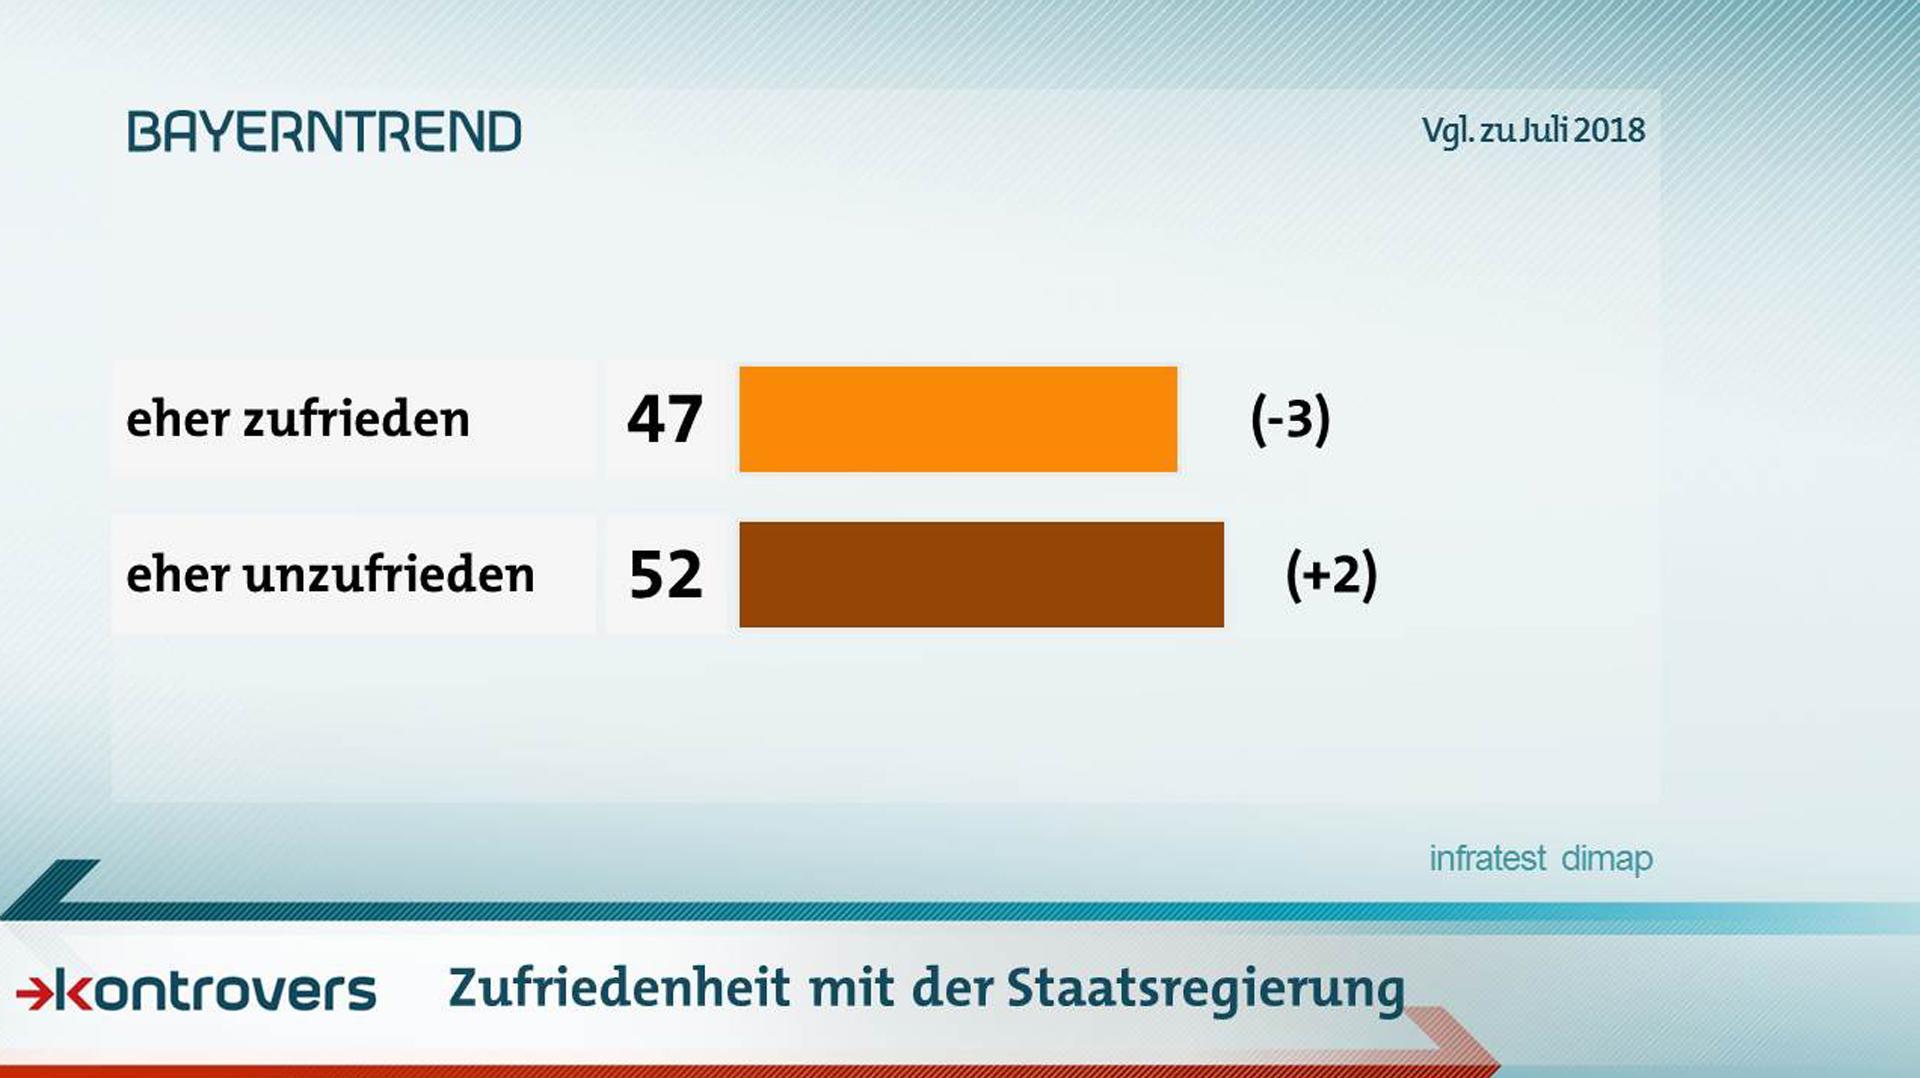 Wie zufrieden sind die Befragten mit der Staatsregierung? 47 Prozent eher zufrieden, 52 Prozent eher unzufrieden